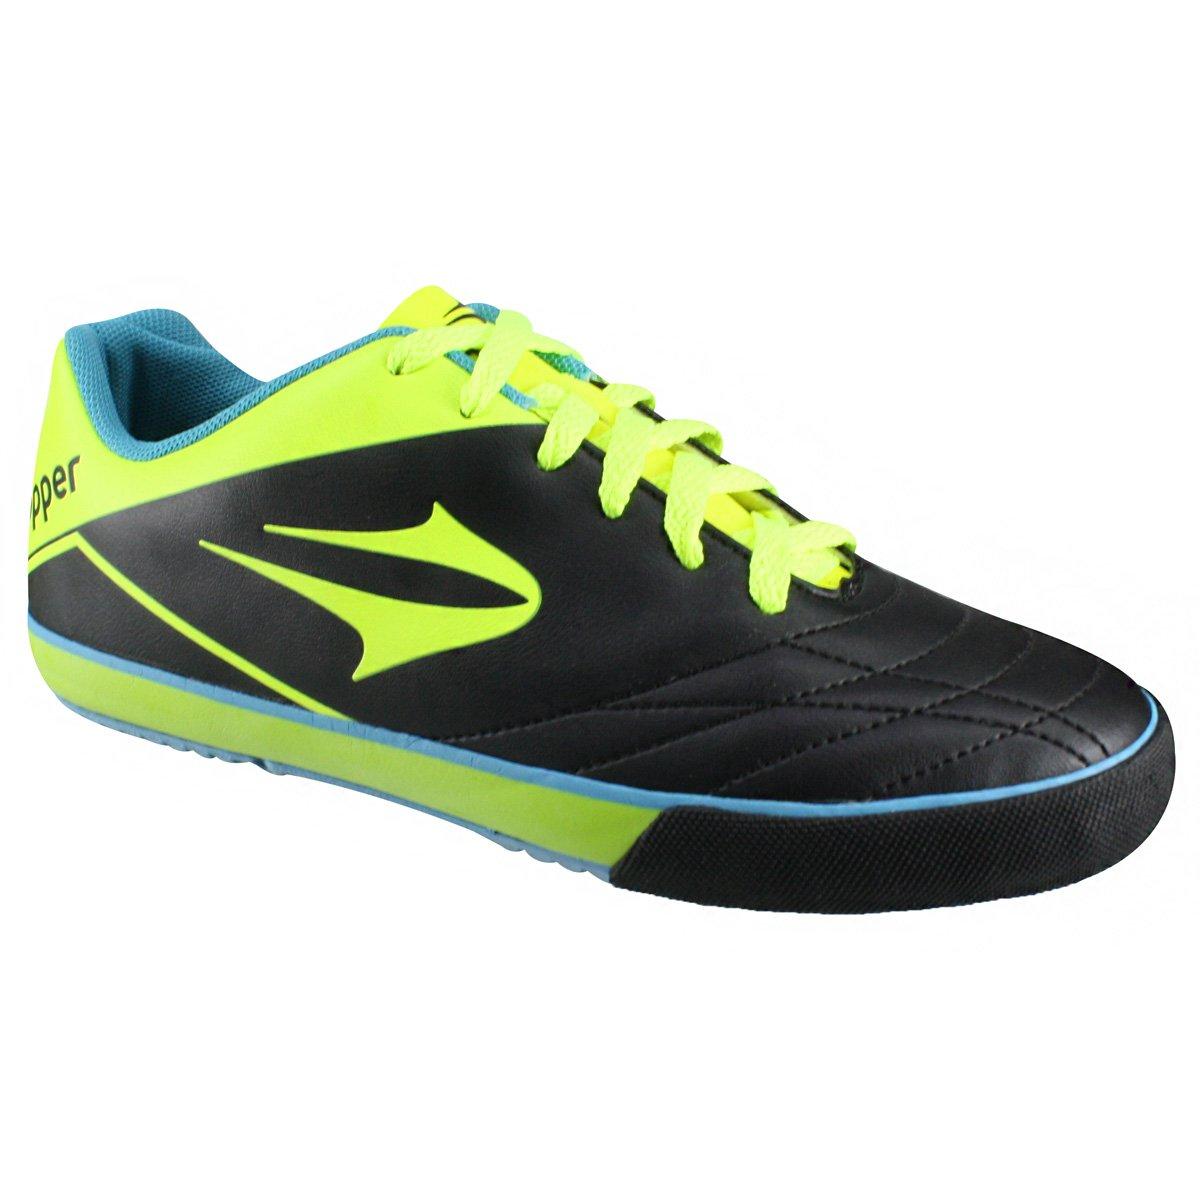 Indoor Topper Frontier VII 4132587 3720 - Preto Verde Neon - Botas ... 3c3a2dec4613a